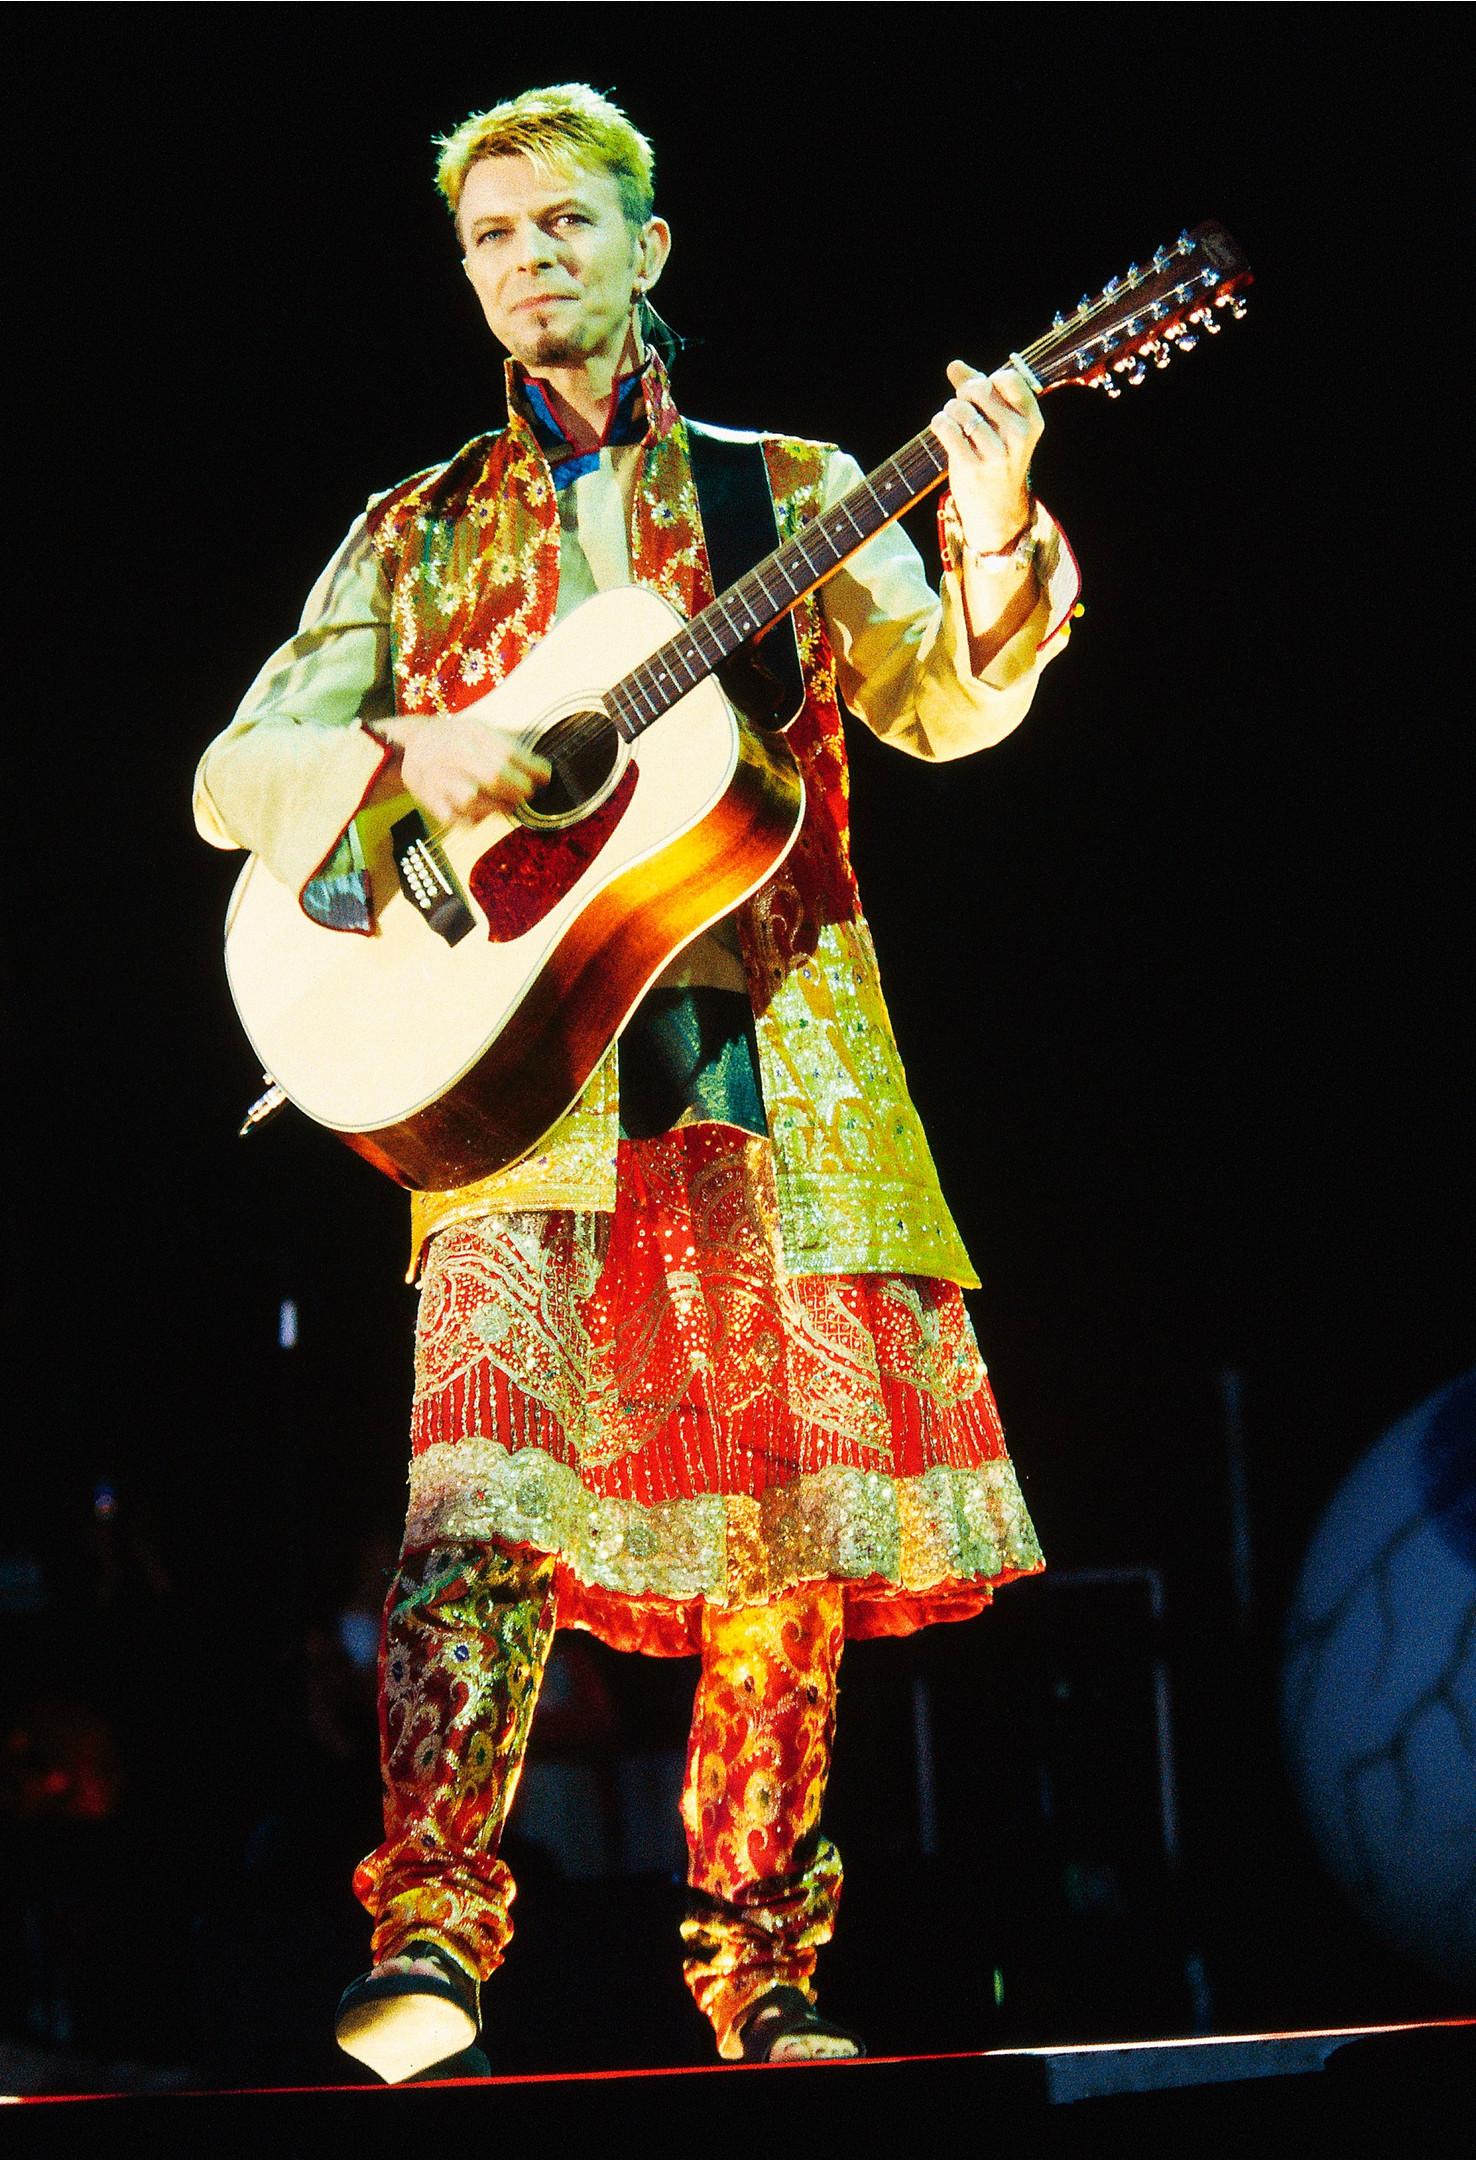 Дэвид Боуи в концертном костюме с юбкой